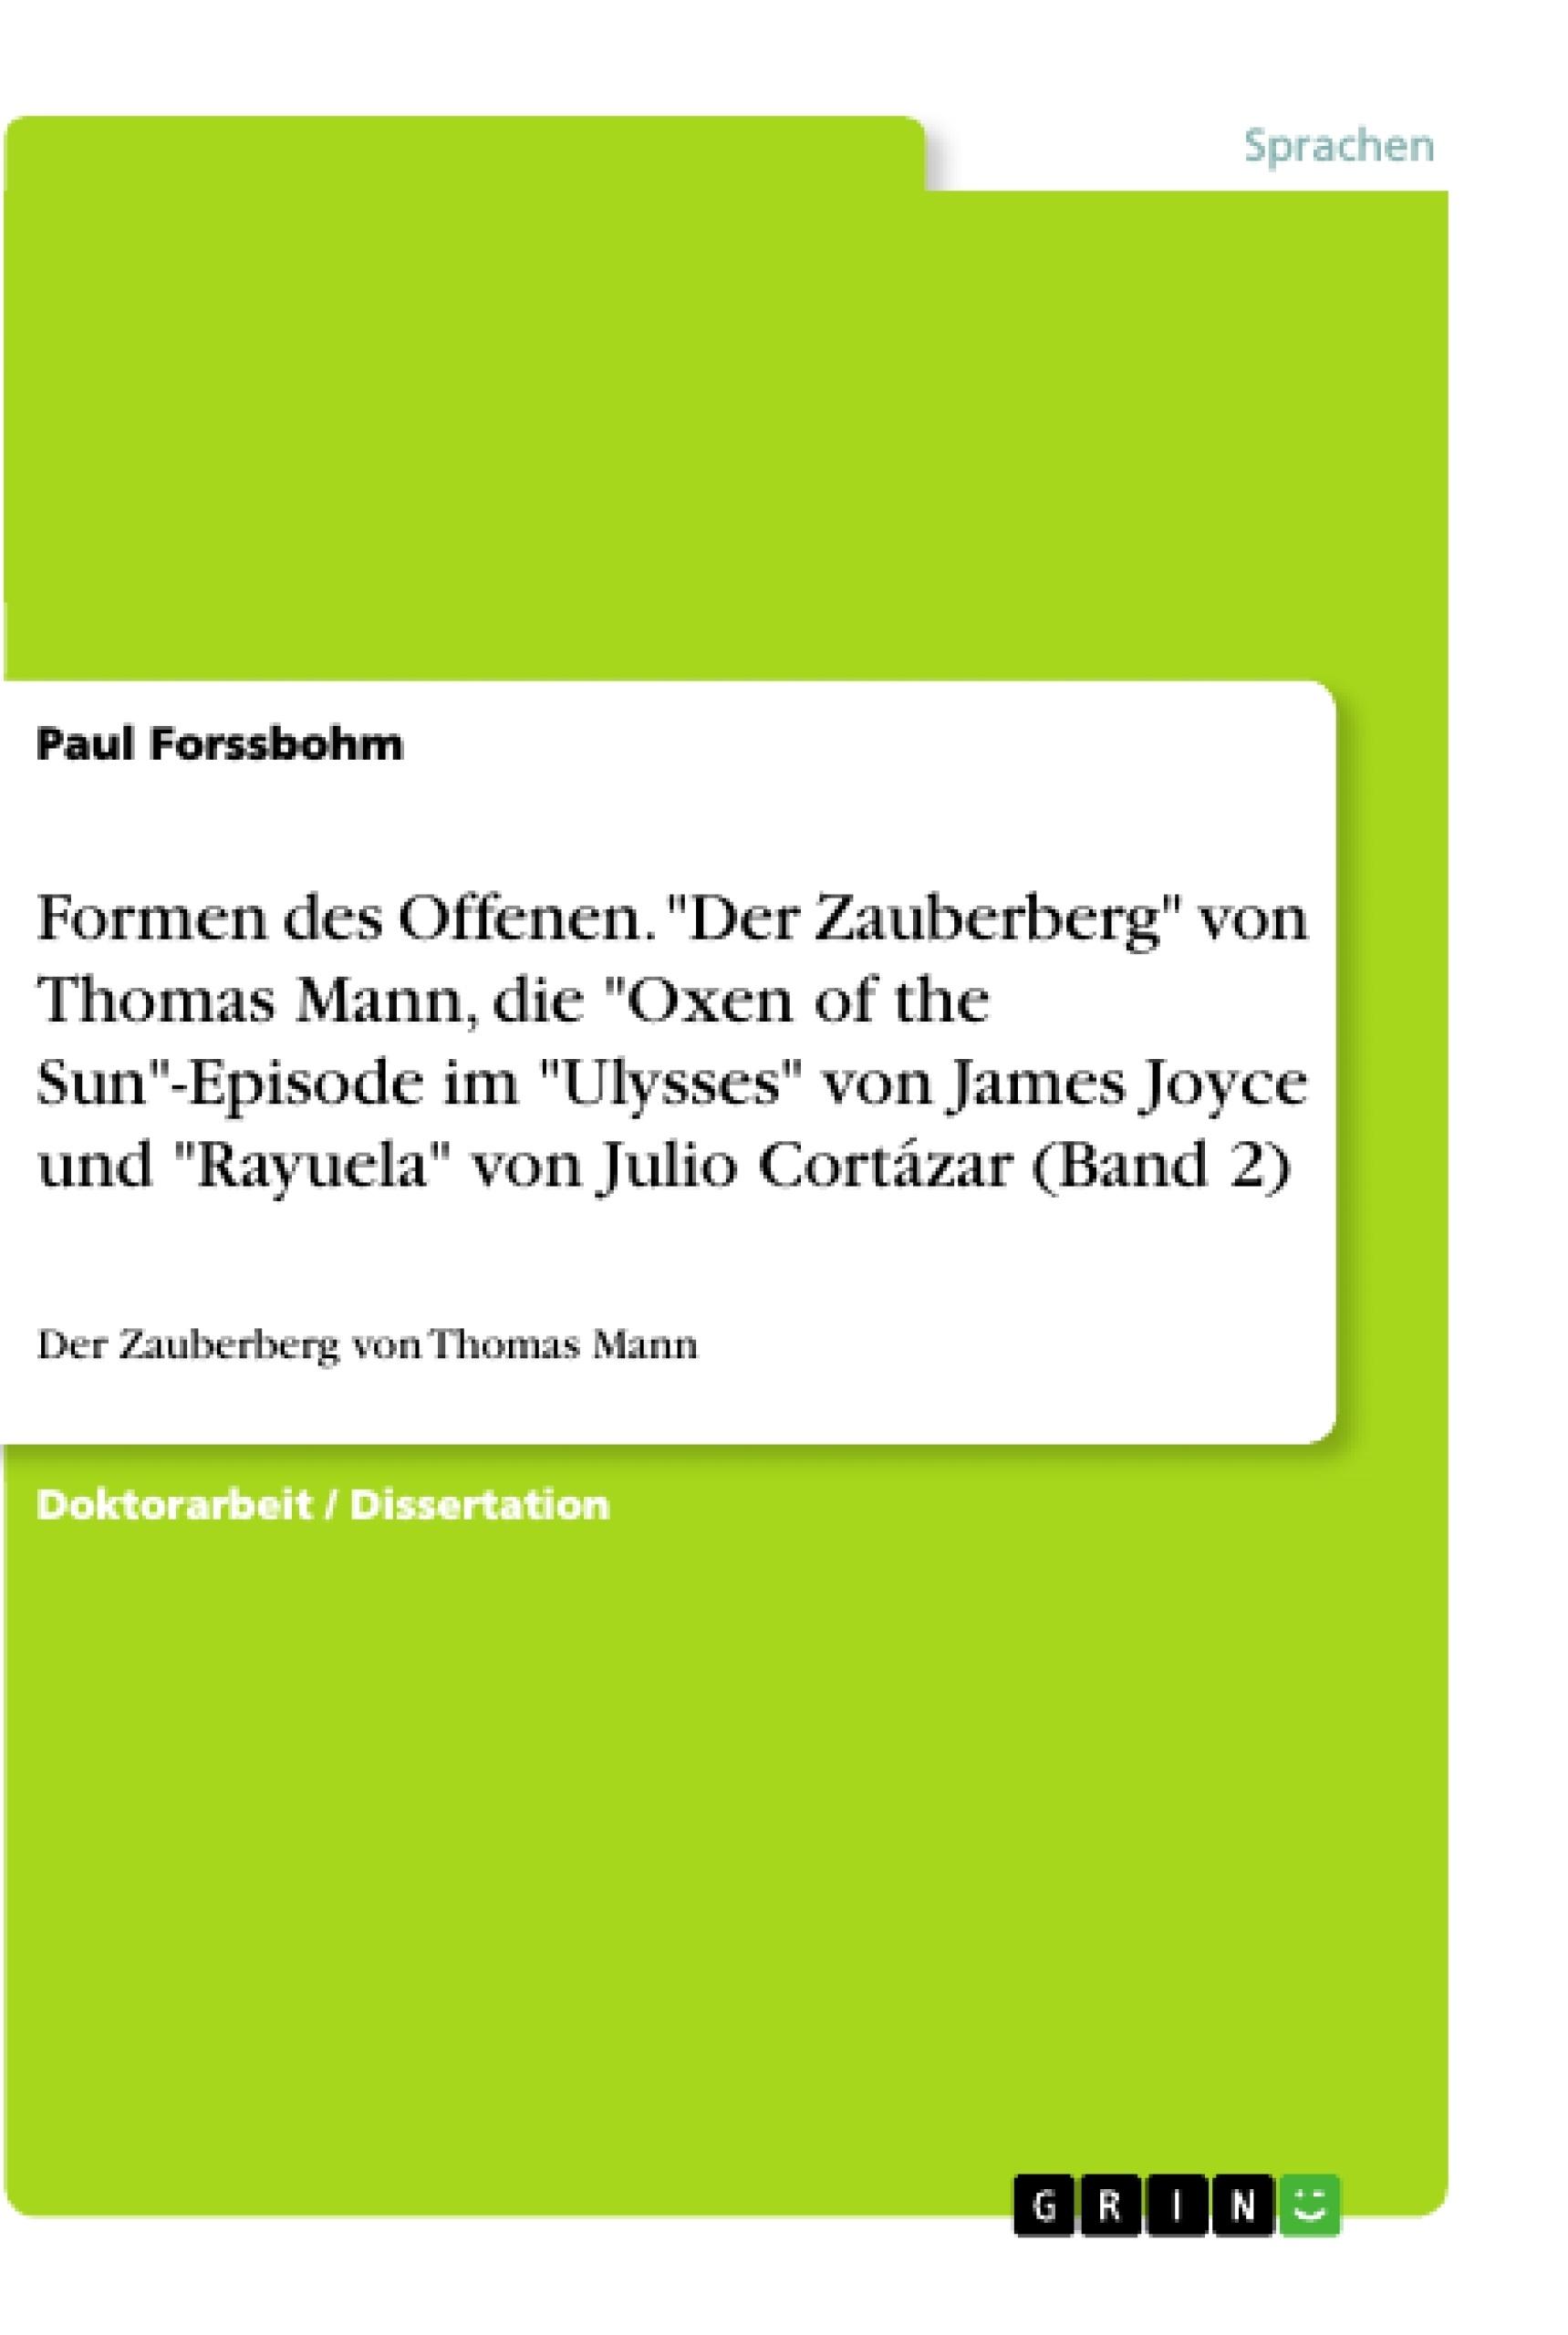 """Titel: Formen des Offenen. """"Der Zauberberg"""" von Thomas Mann, die """"Oxen of the Sun""""-Episode im """"Ulysses"""" von James Joyce und """"Rayuela"""" von Julio Cortázar (Band 2)"""